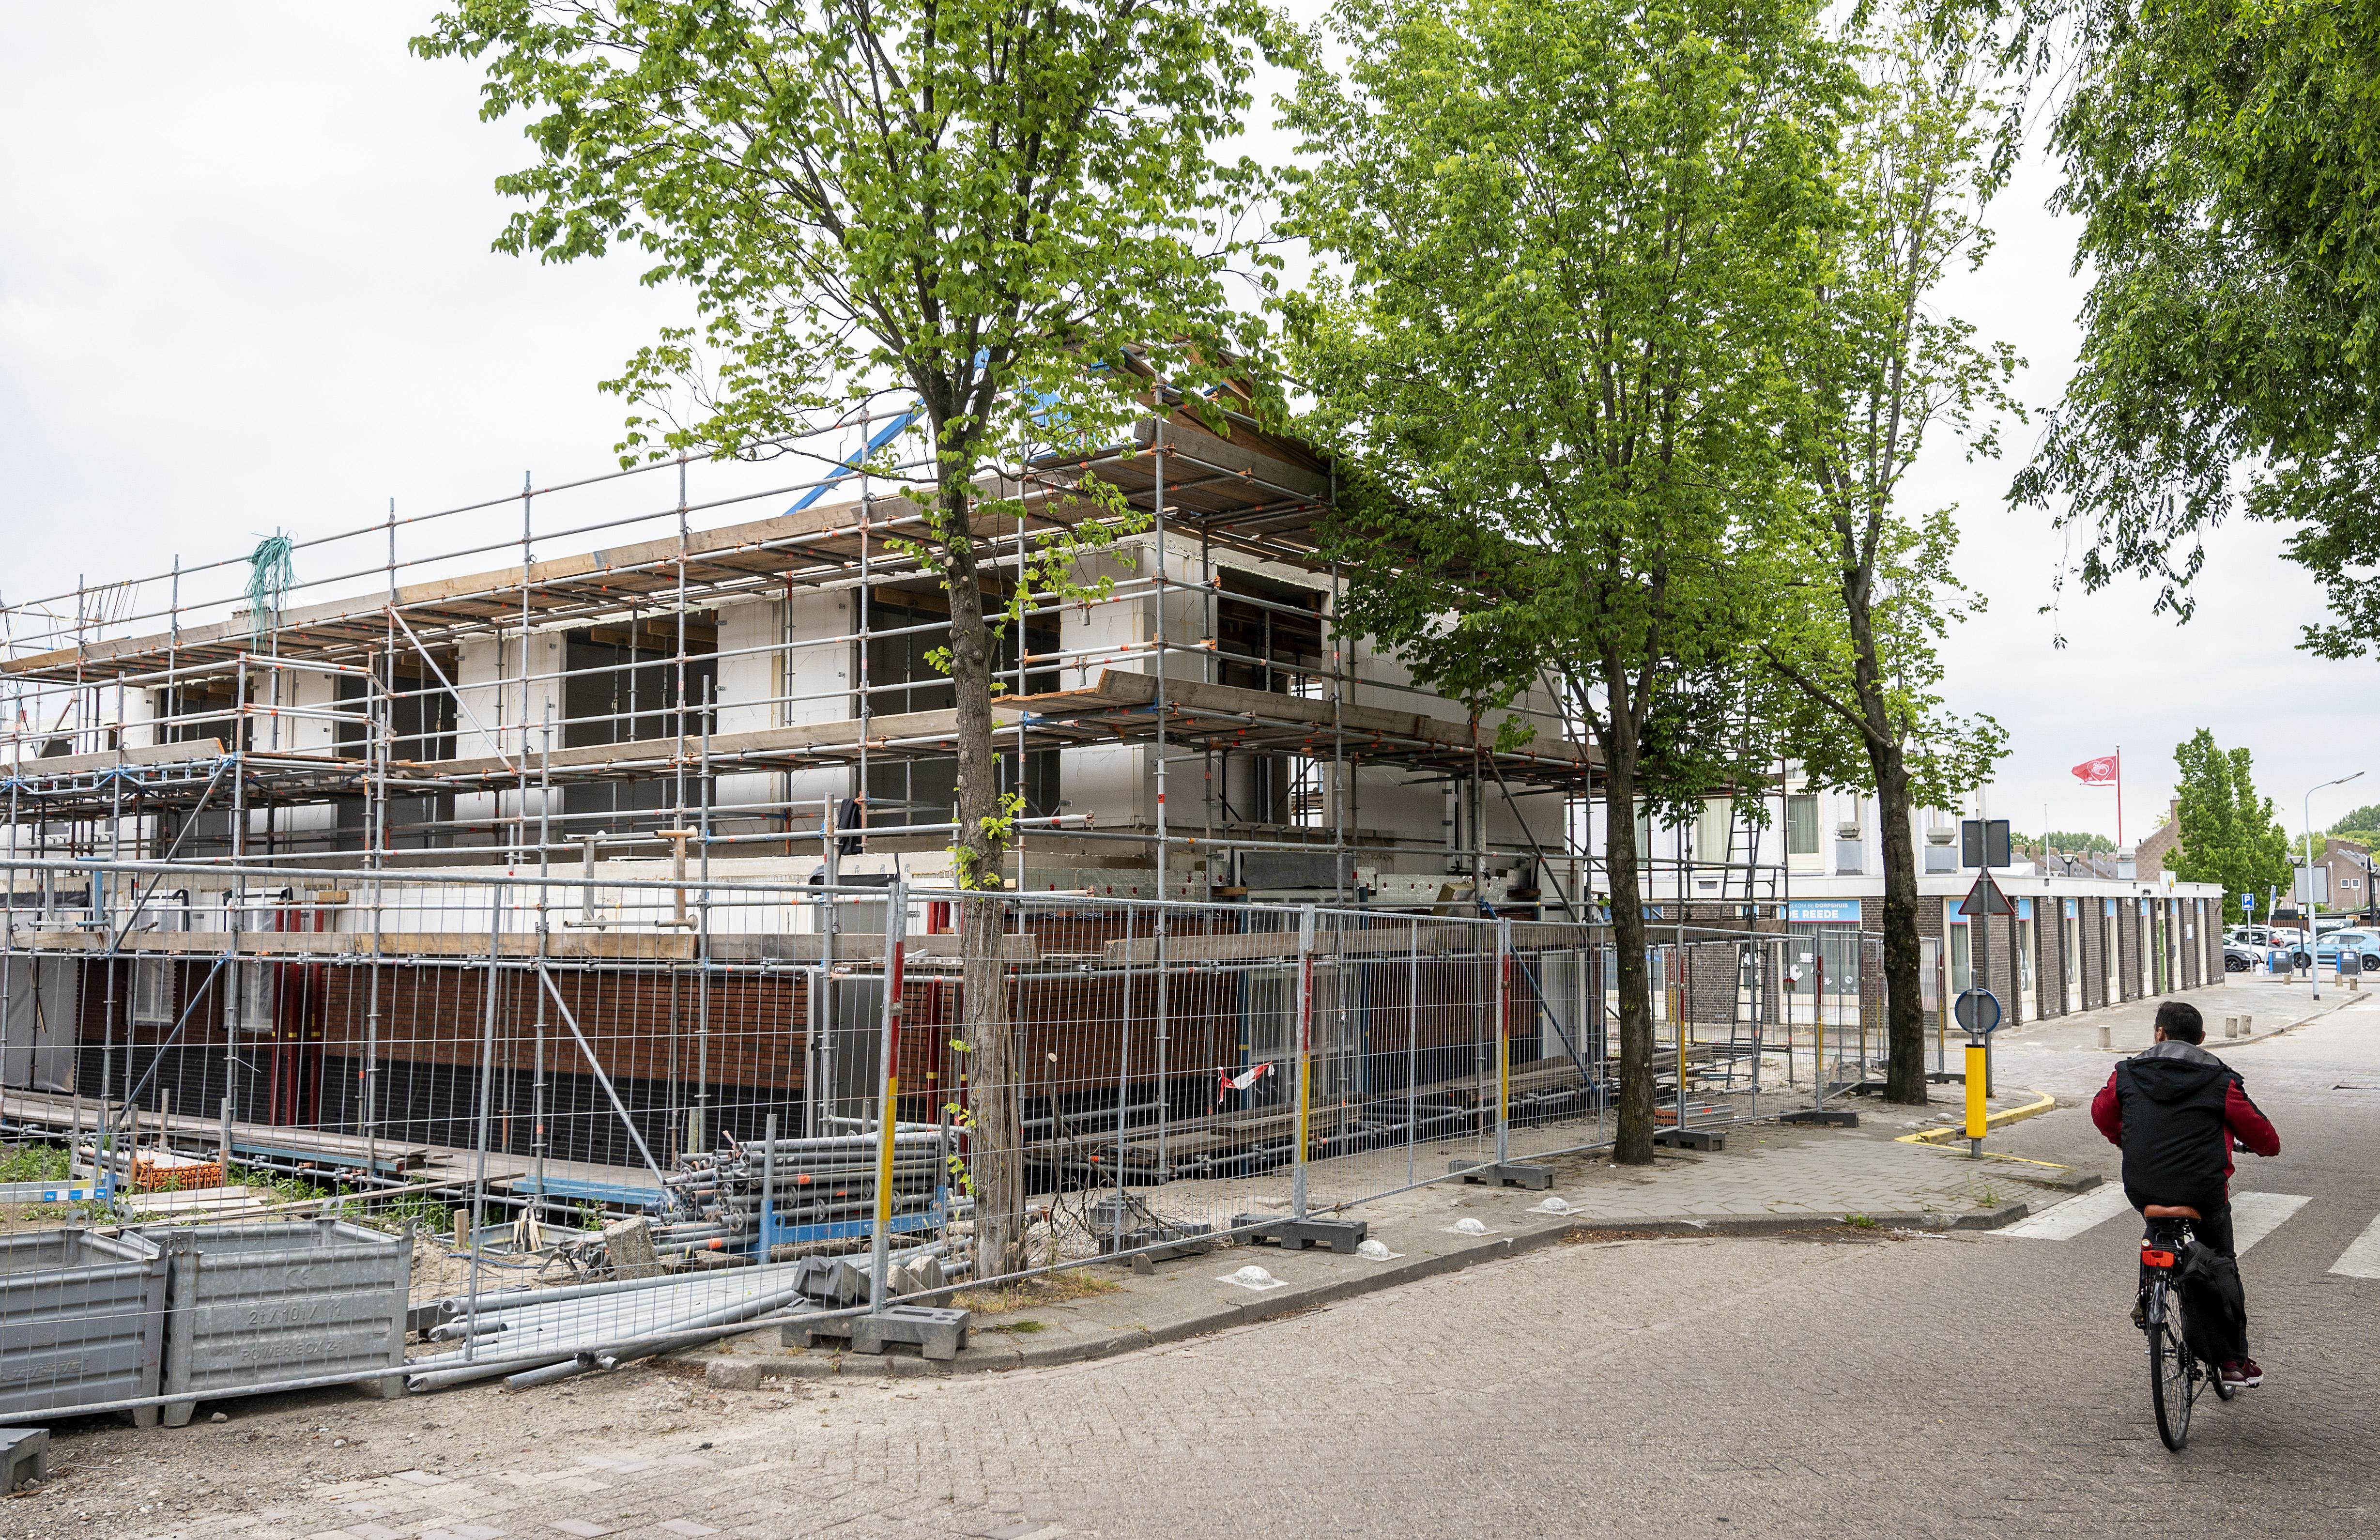 In heel Haarlemmermeer slechts 300 woningen te koop